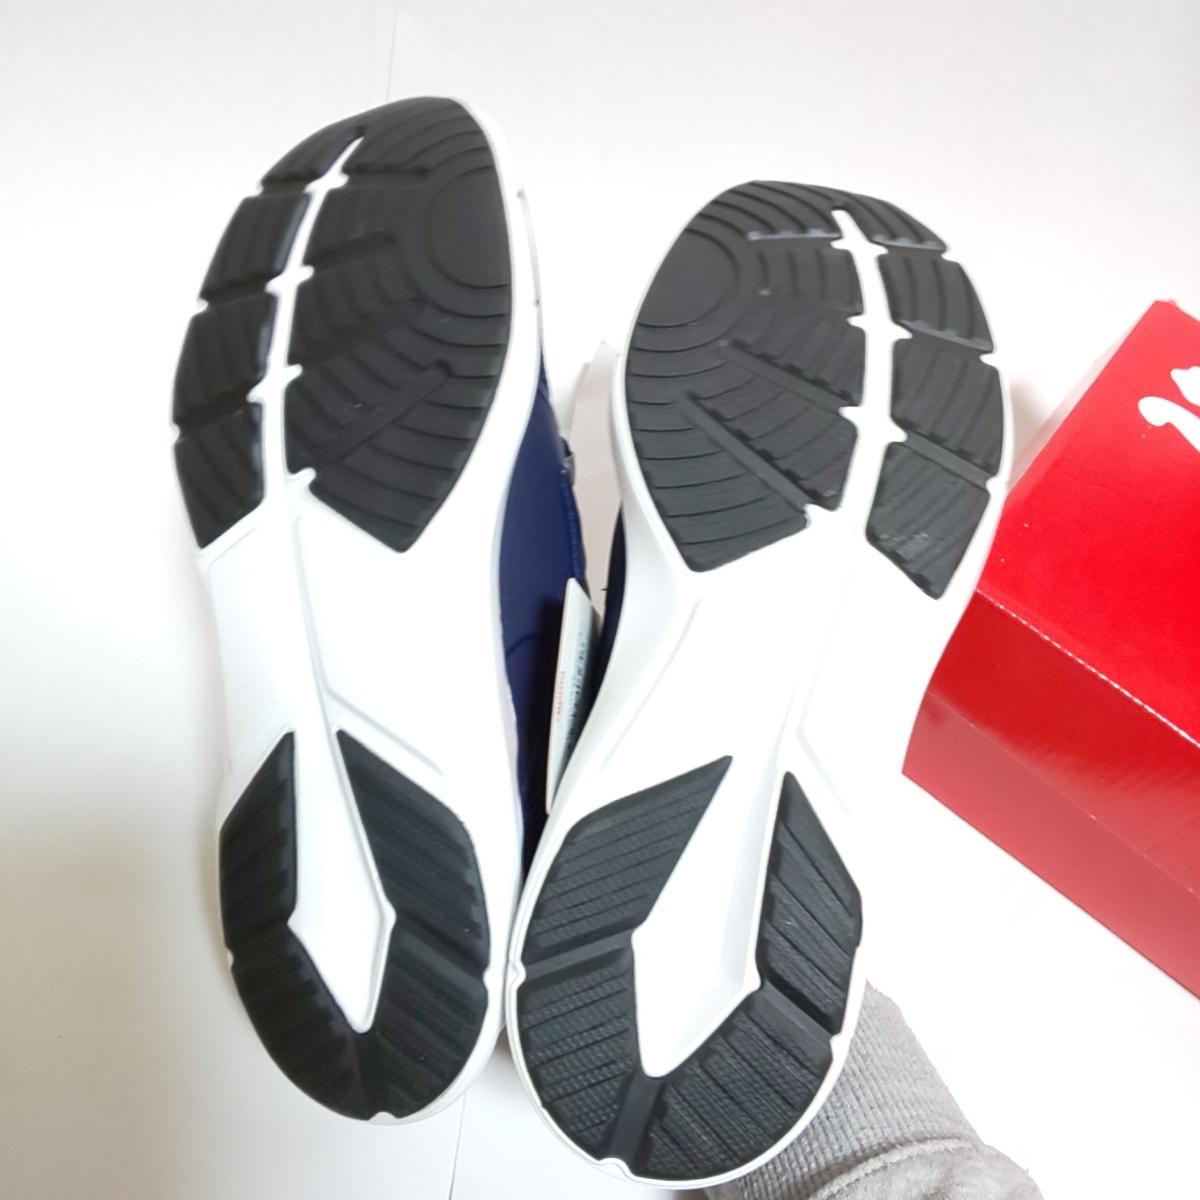 新品 PUMA プロペル XT スニーカー 26.0cm メンズ Peacoat-Puma white ネイビー 運動靴 プーマ_画像6